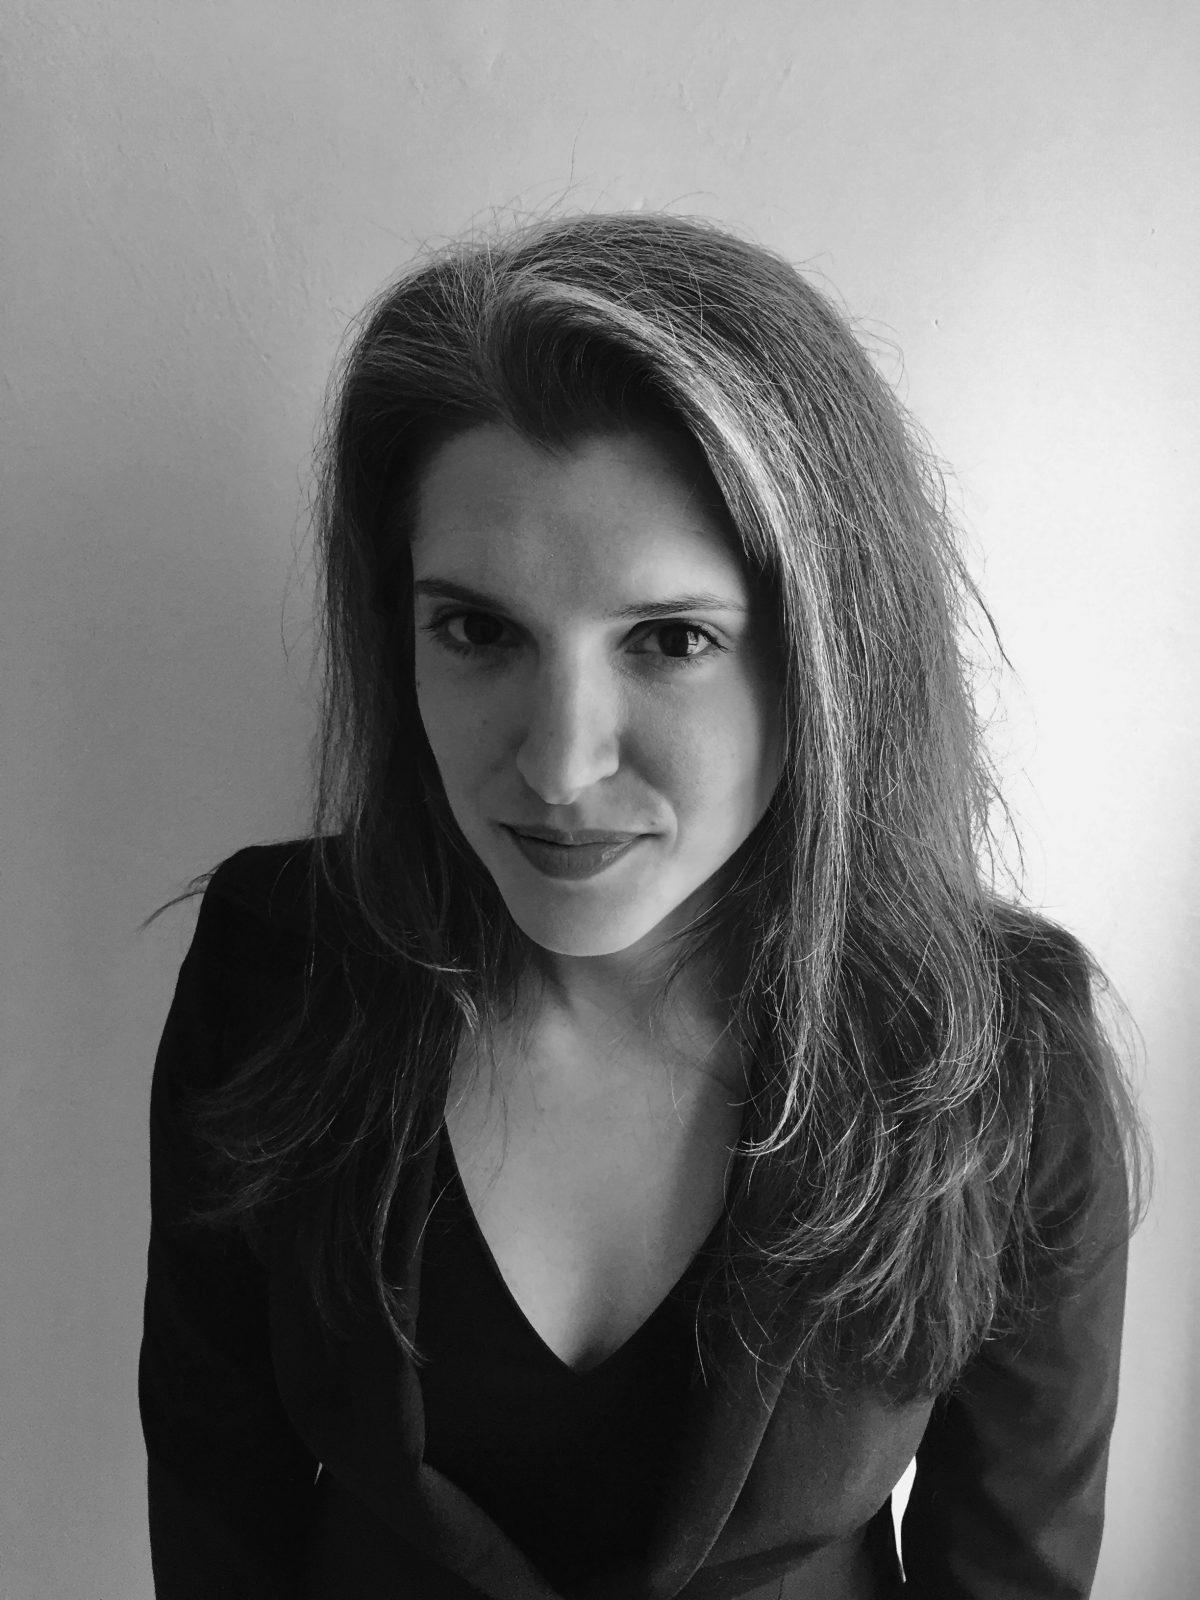 FFJC New York Director Katie Adamides